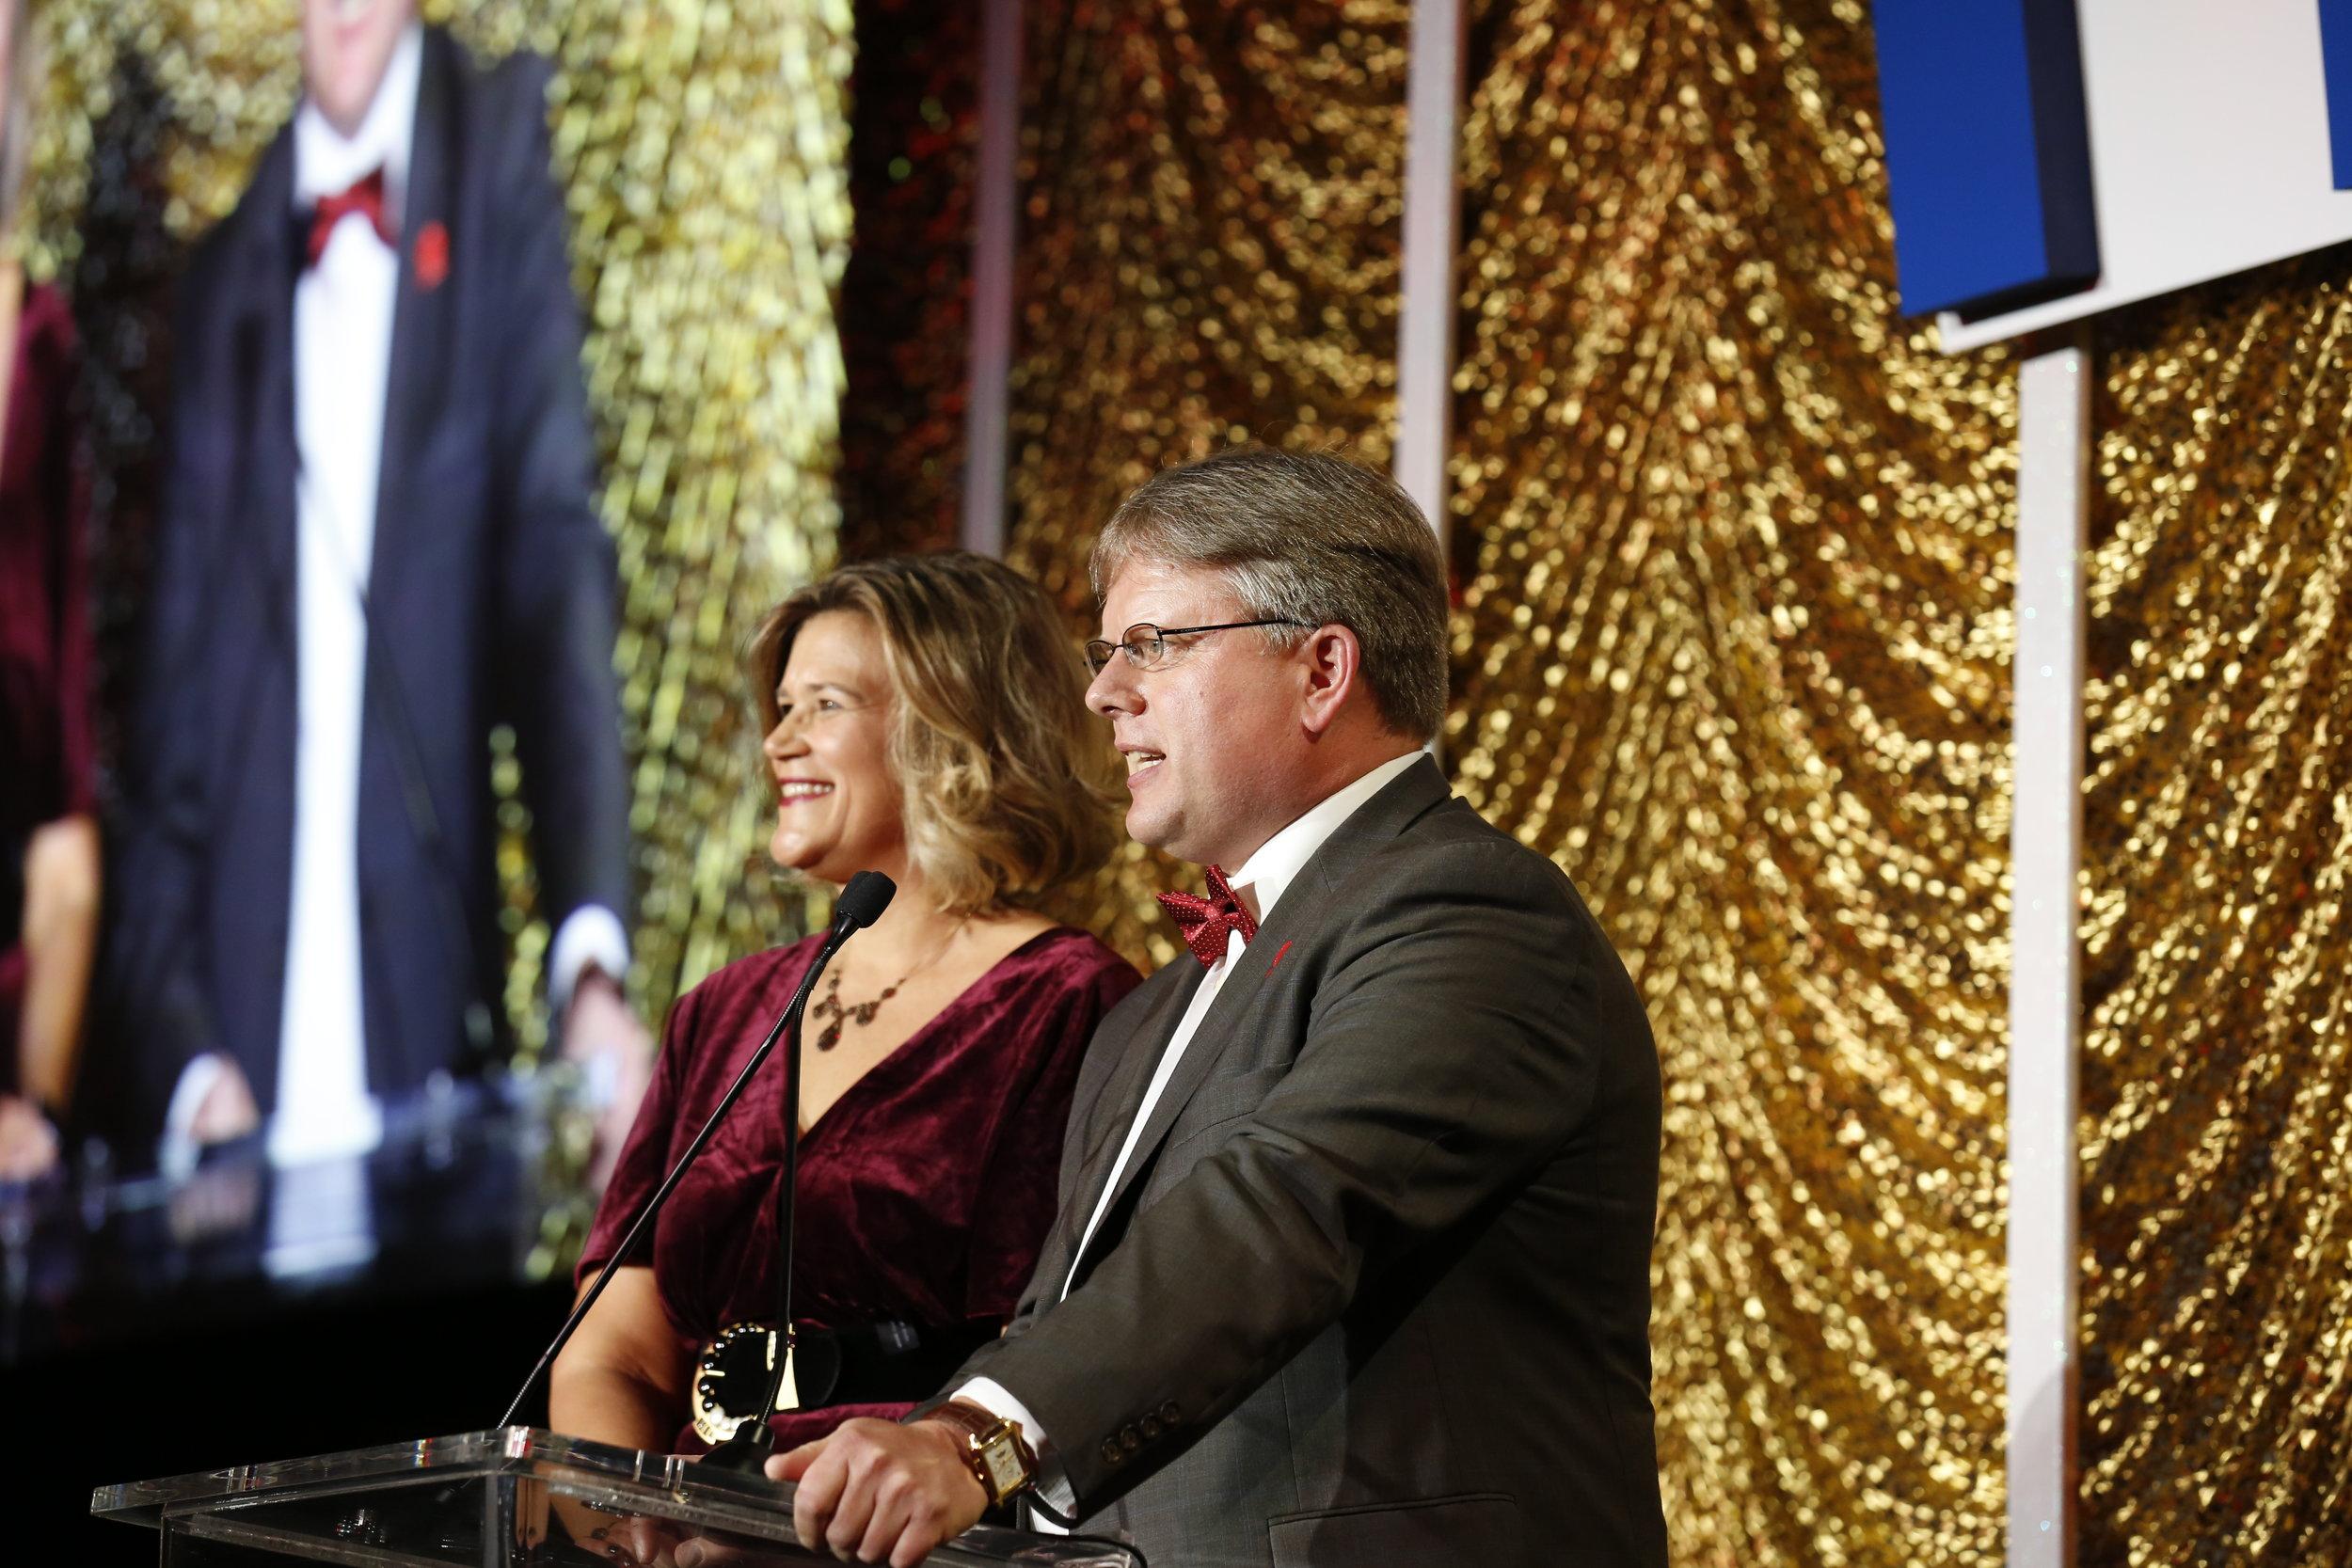 hpa-awards-ceremony-los-angeles-america---15-nov-2018_32033012358_o.jpg